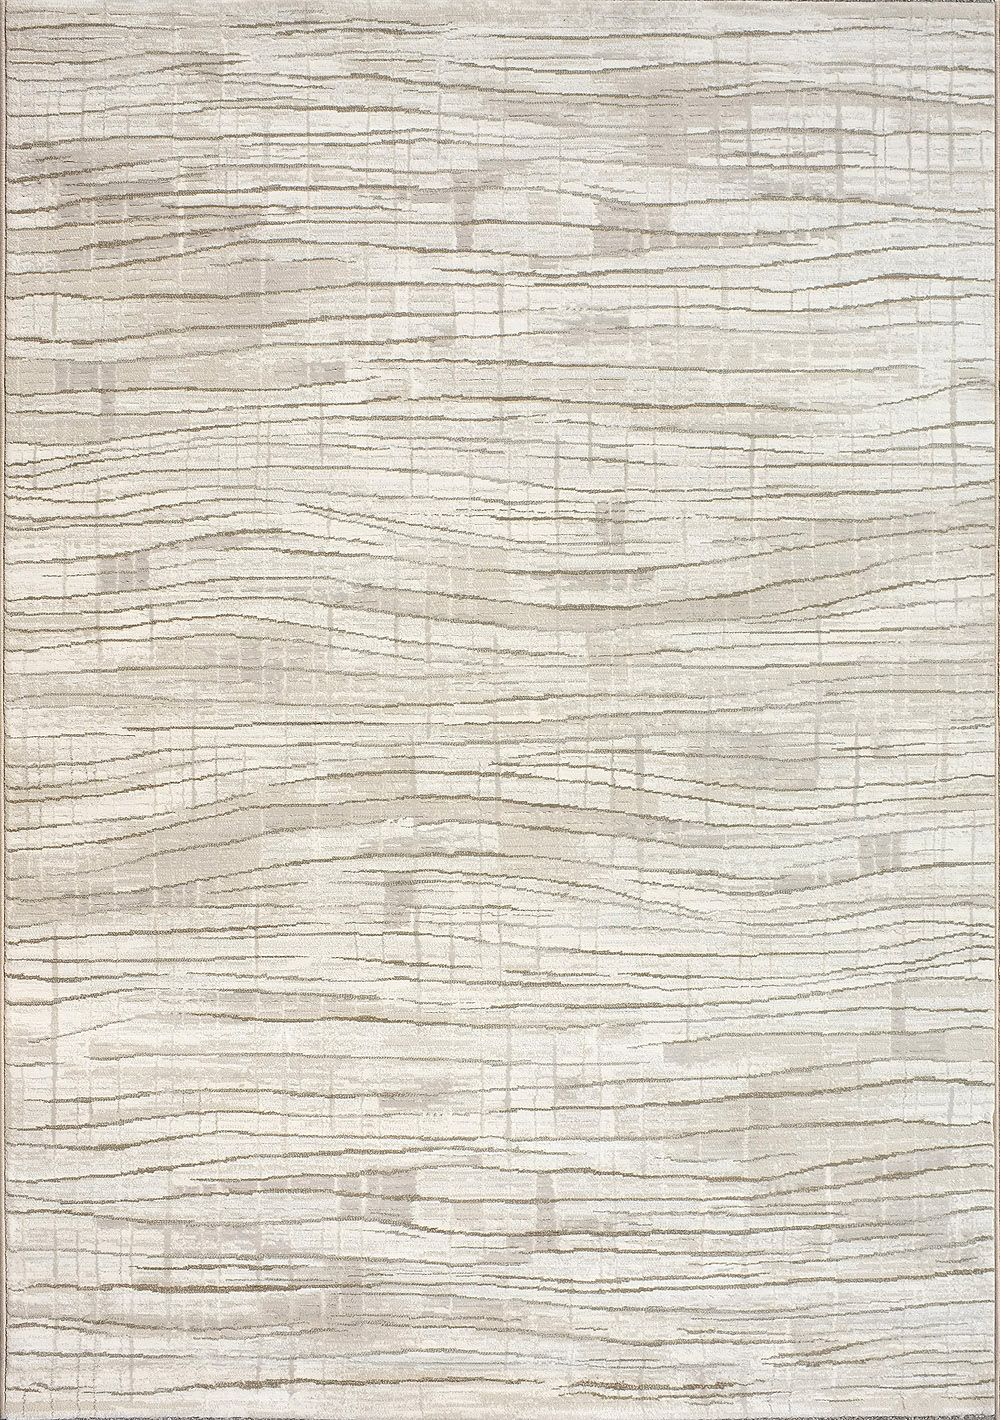 Area Rugs Alexanian Carpet Flooring Ontario Canada PNG - Carrelage piscine et tapis danskina